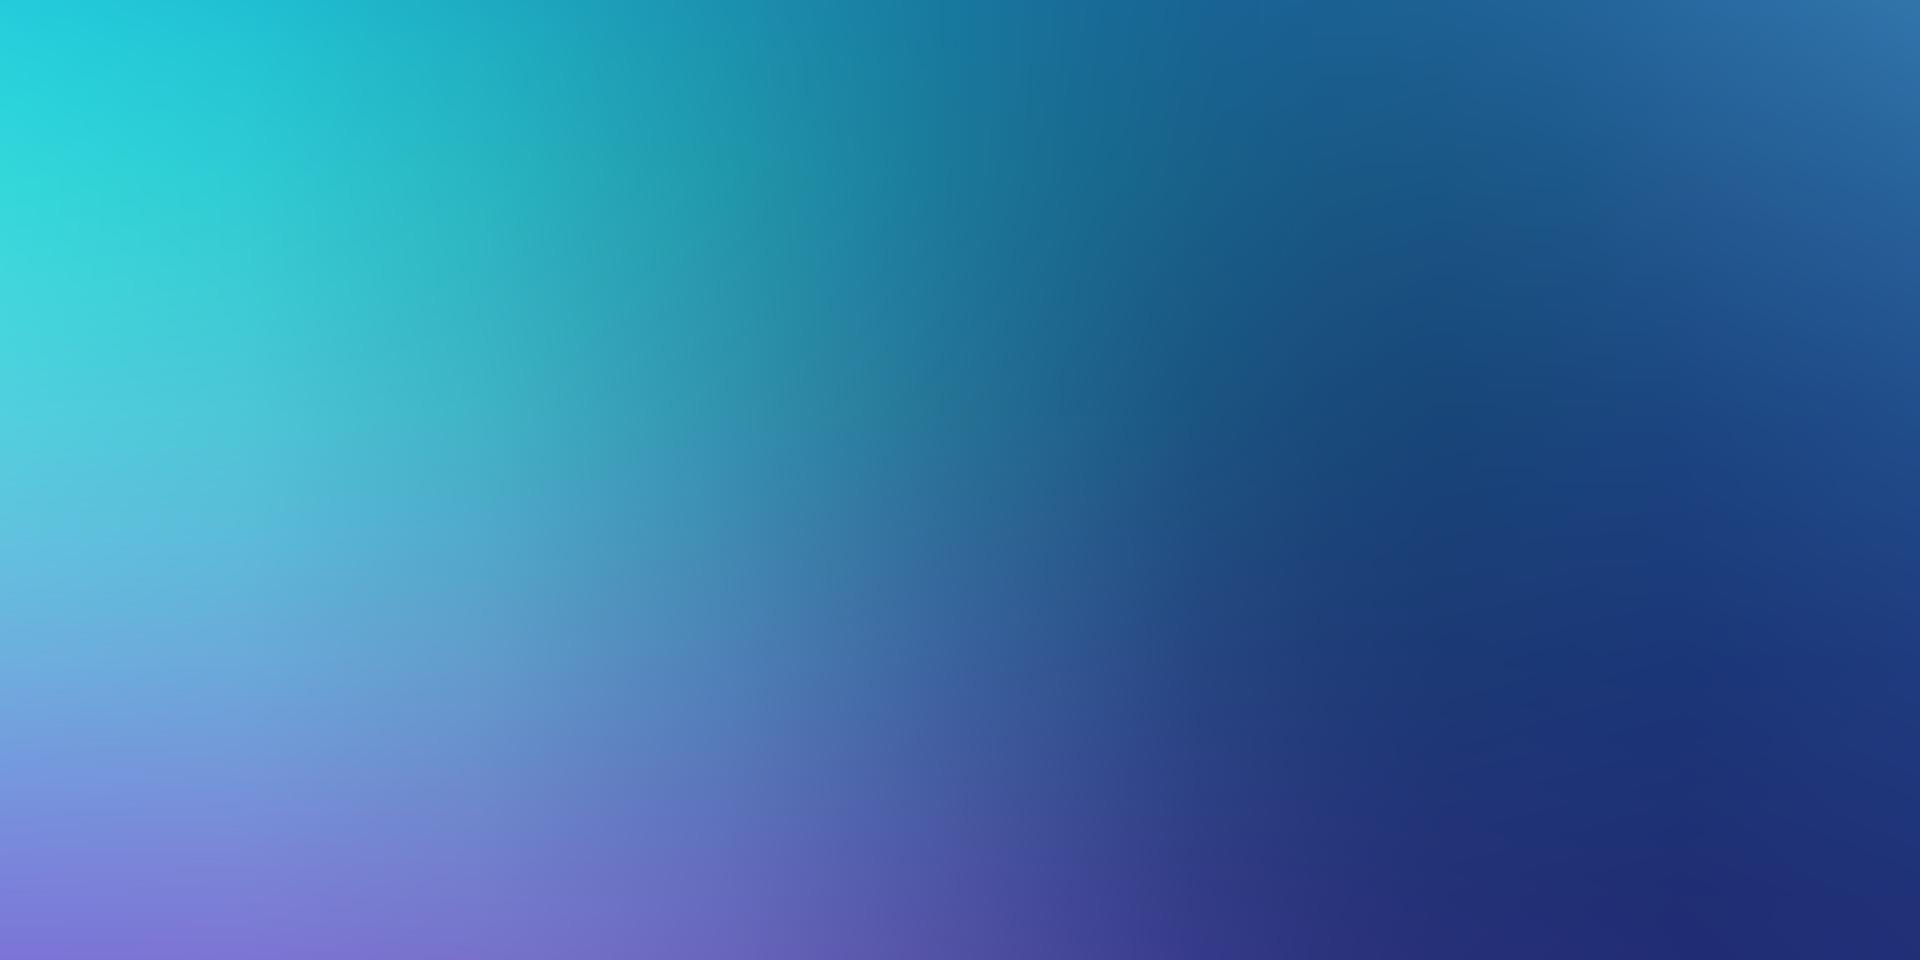 mise en page floue abstraite vecteur rose clair, bleu.